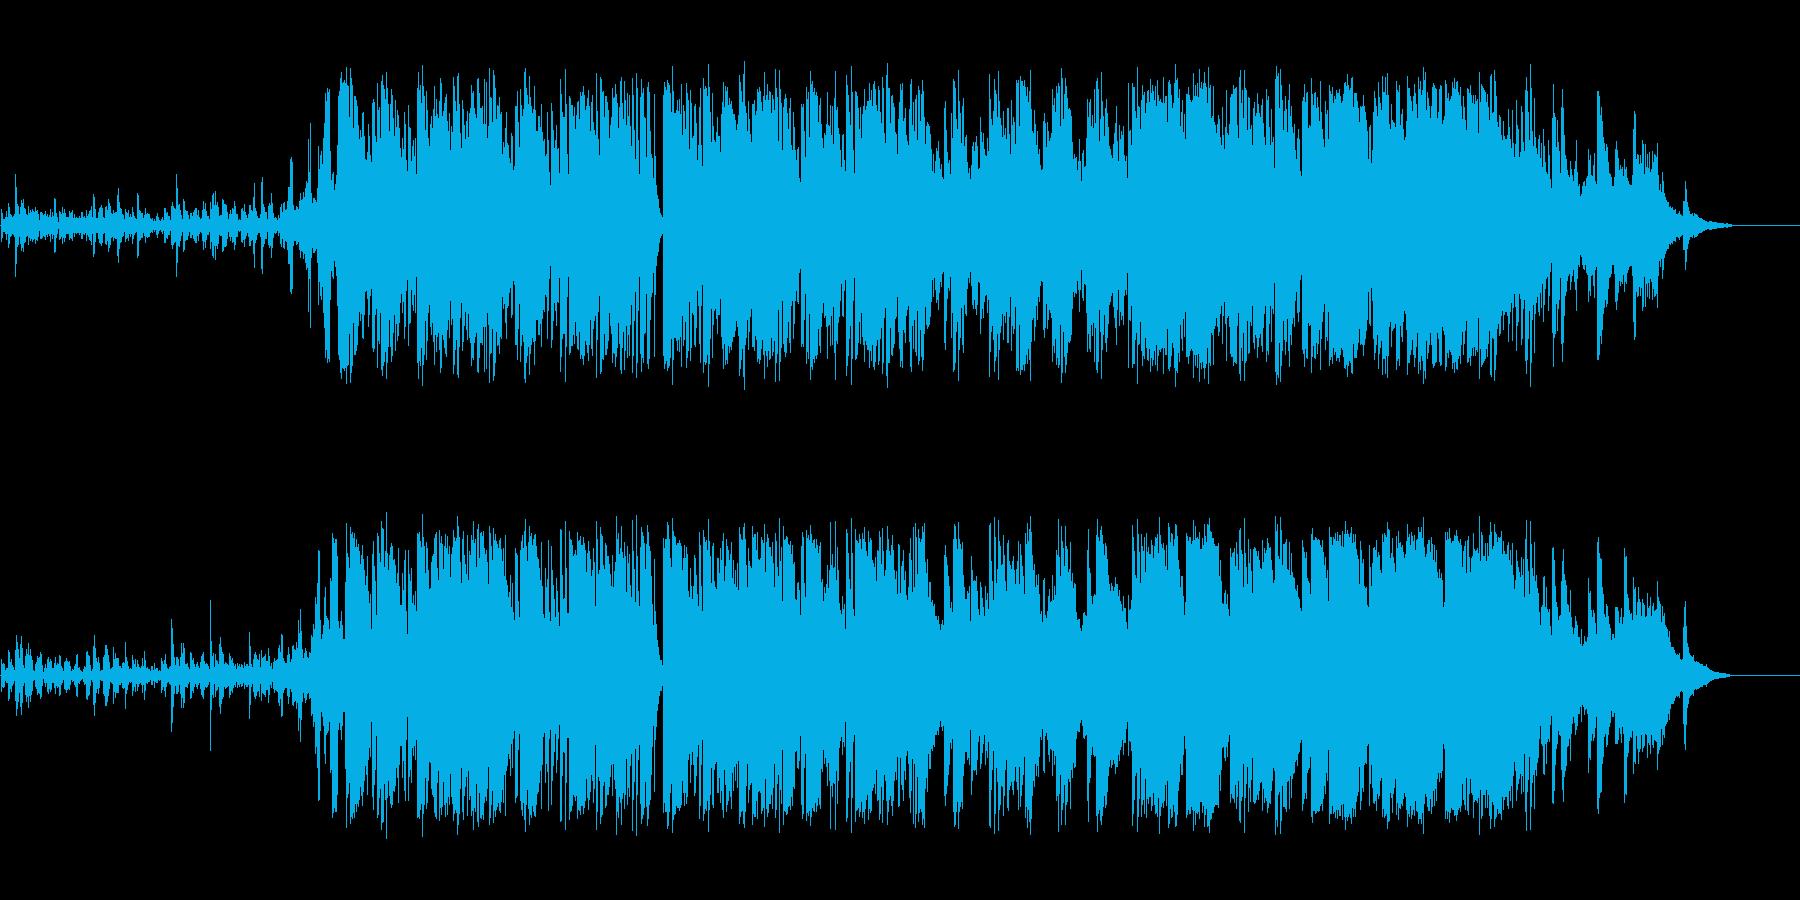 ミステリアス|ダークでかっこいいBGMの再生済みの波形